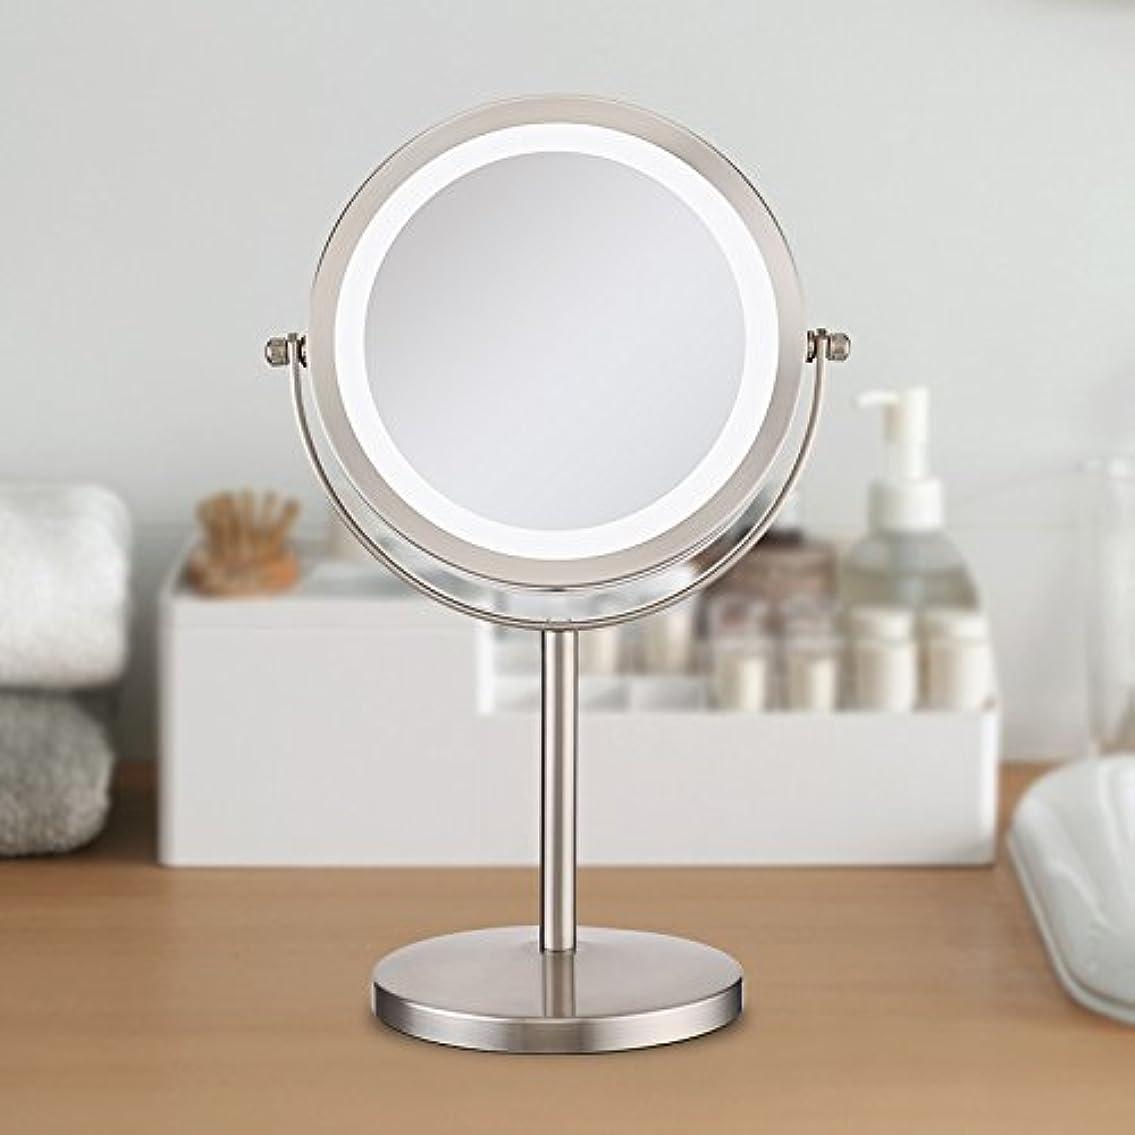 ひばりジョージスティーブンソンメカニック(セーディコ)Cerdeco 真実の北欧風卓上鏡DX LEDライト付き 10倍拡大率 両面化粧鏡 真実の鏡DX スタンドミラー 鏡面φ178mm (10倍拡大+等倍?両面) D710N